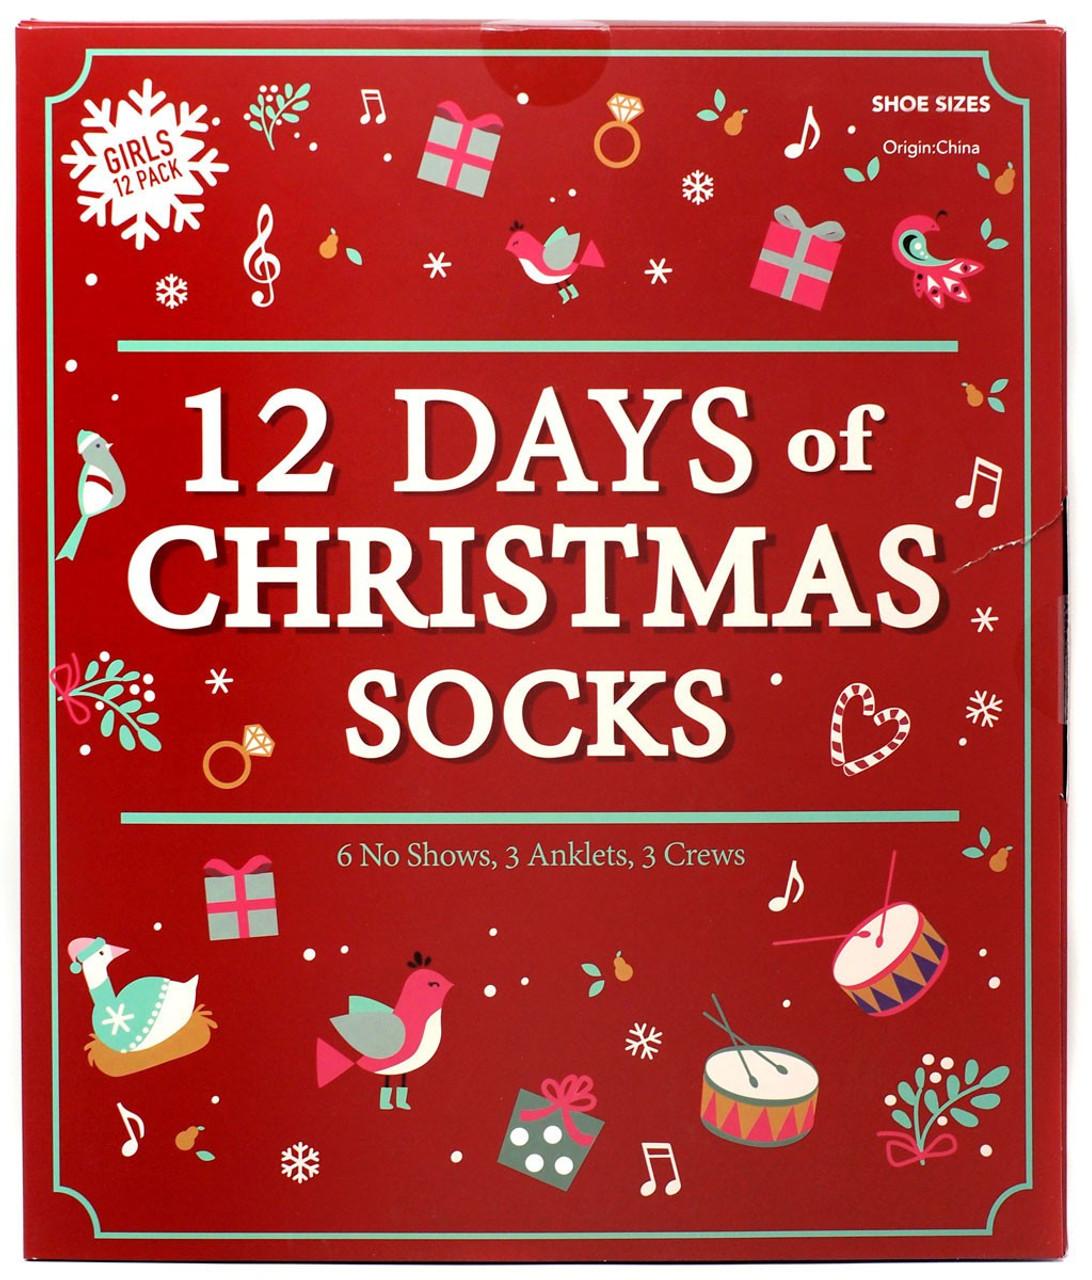 12 Days Before Christmas.12 Days Of Socks Girls 12 Days Of Christmas Socks 12 Pack Shoe Sizes 5 5 8 5